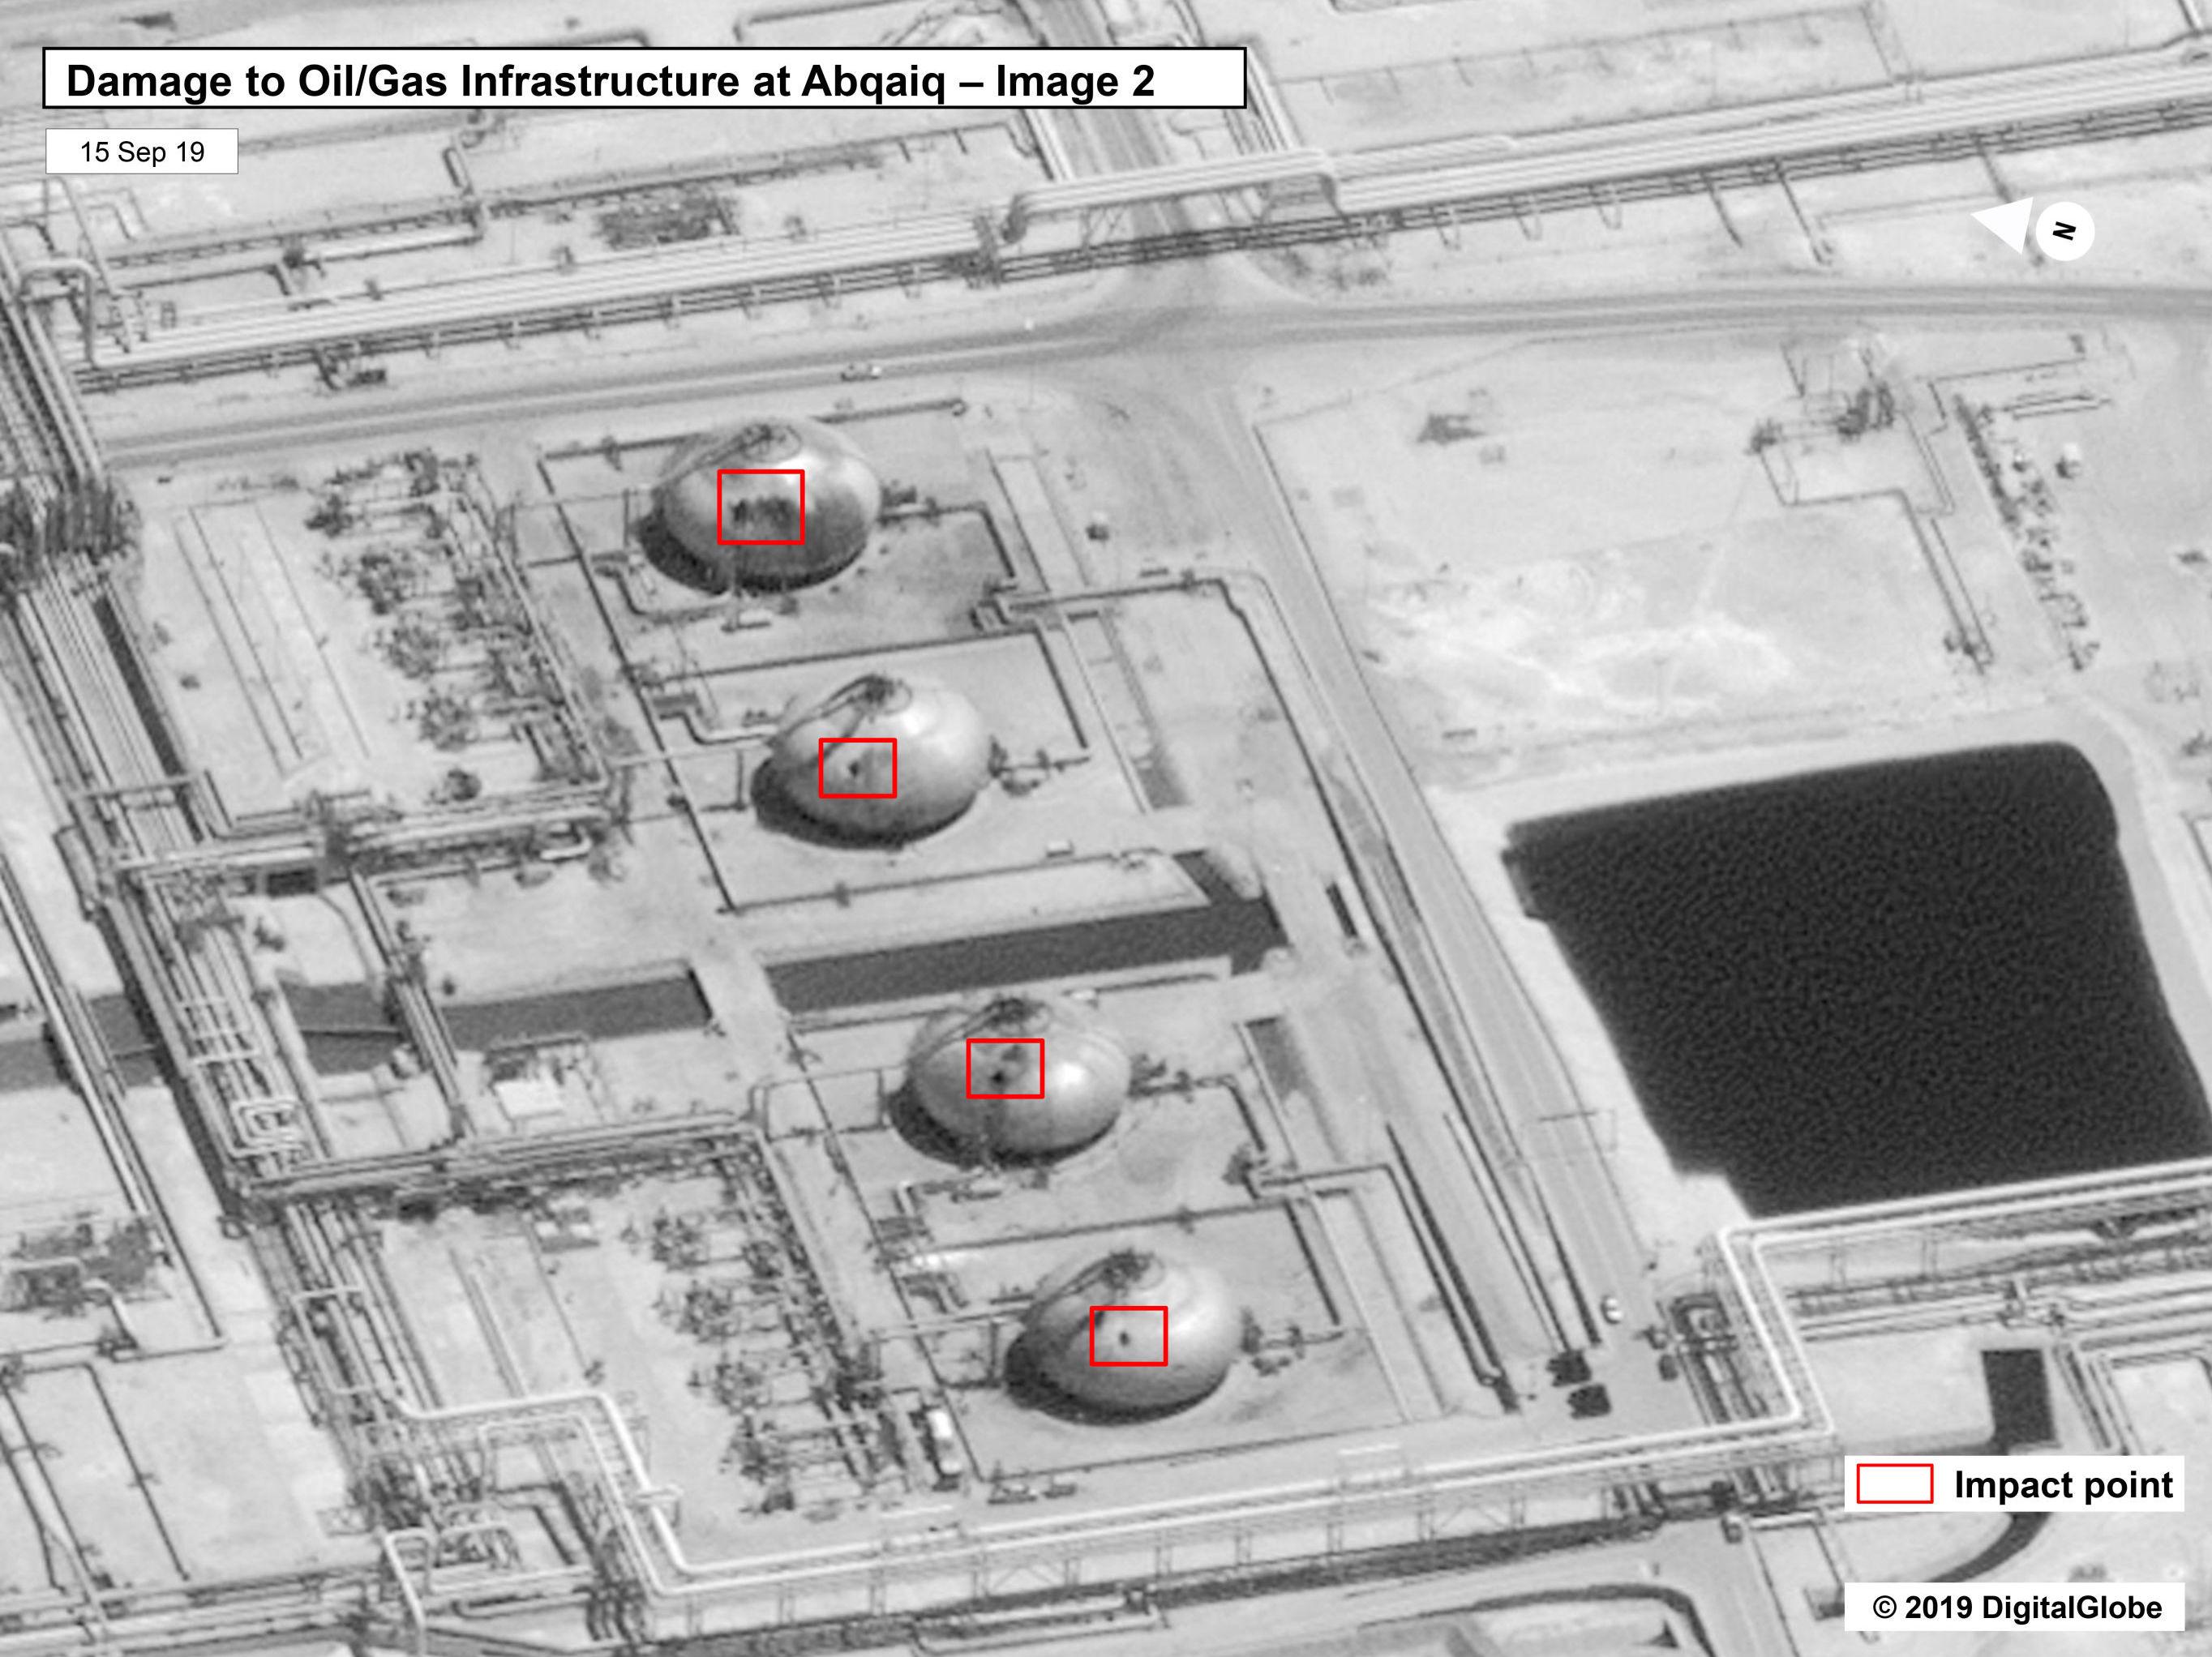 La imagen, facilitada por el Gobierno de Estados Unidos, muestra la estructura de la refinería en Buqyaq dañada por un ataque de drones.